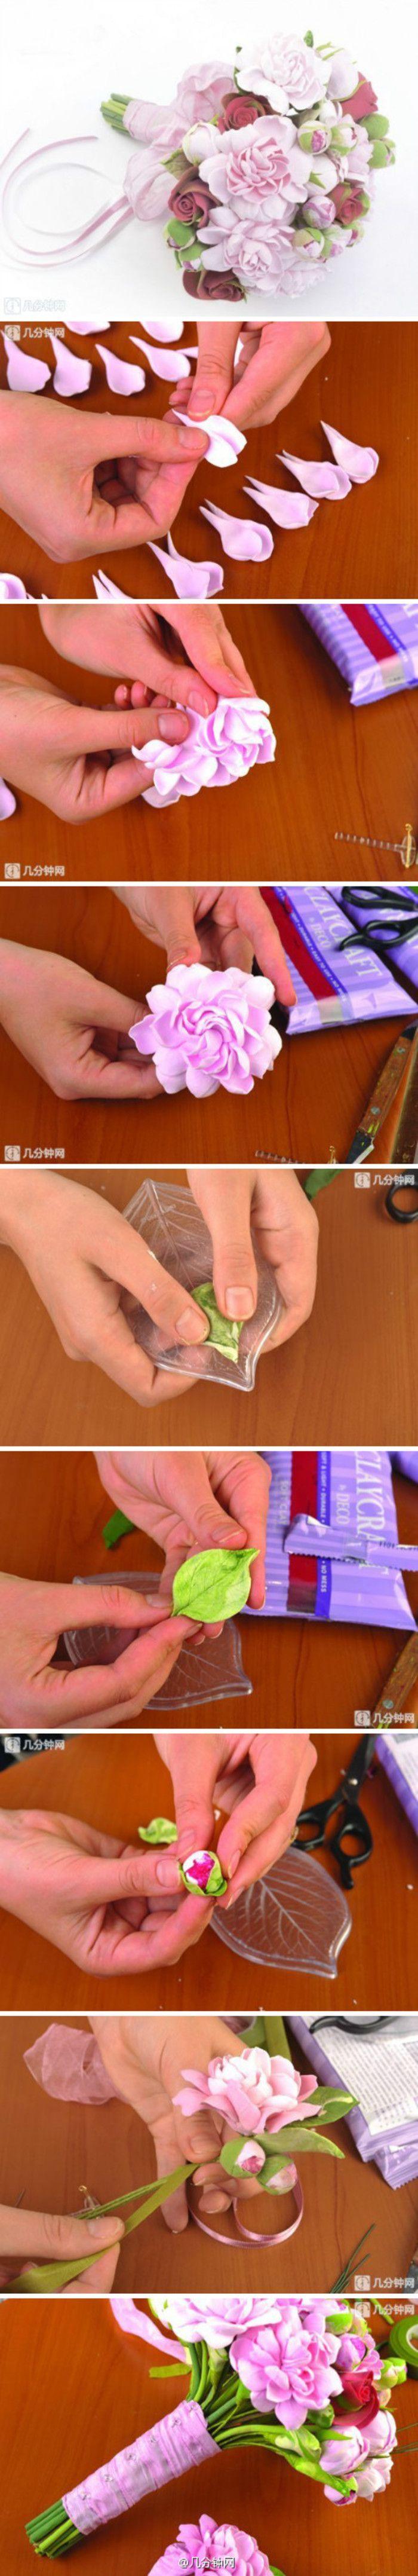 #几分钟手工# 用软陶也可以做出好看的花束